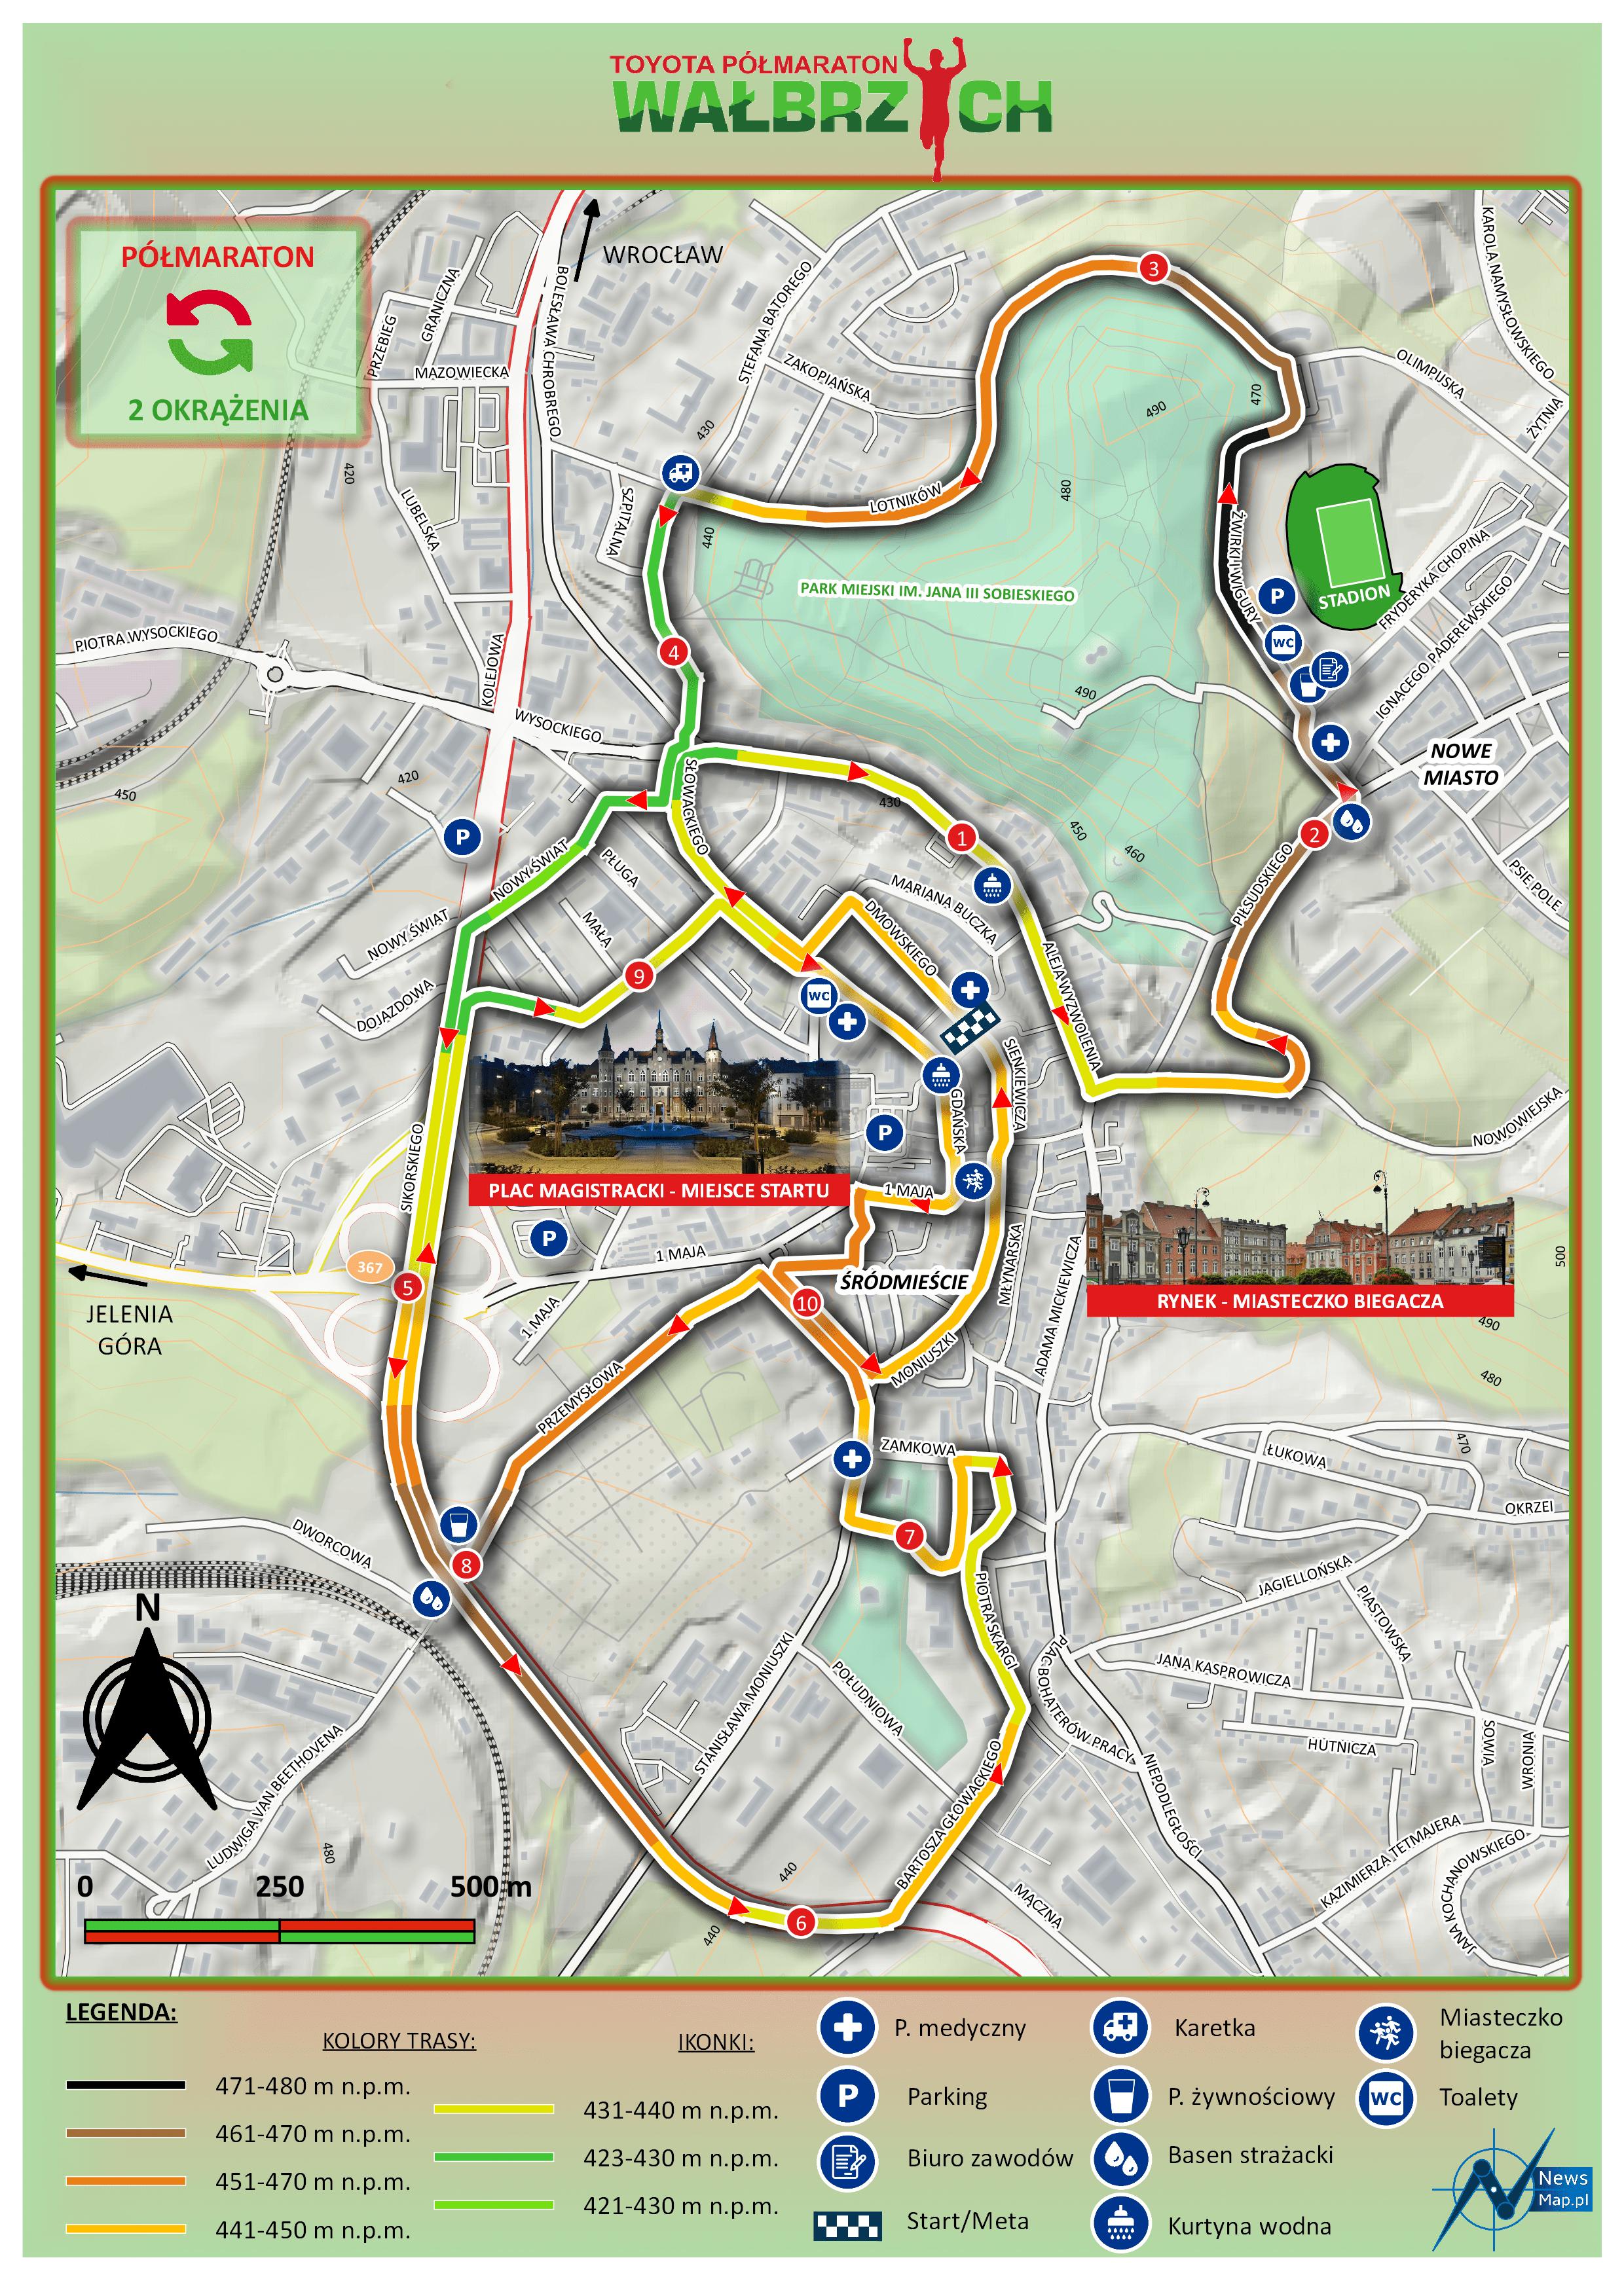 Półmaraton Wałbrzych 2019 - mapa statyczna v2